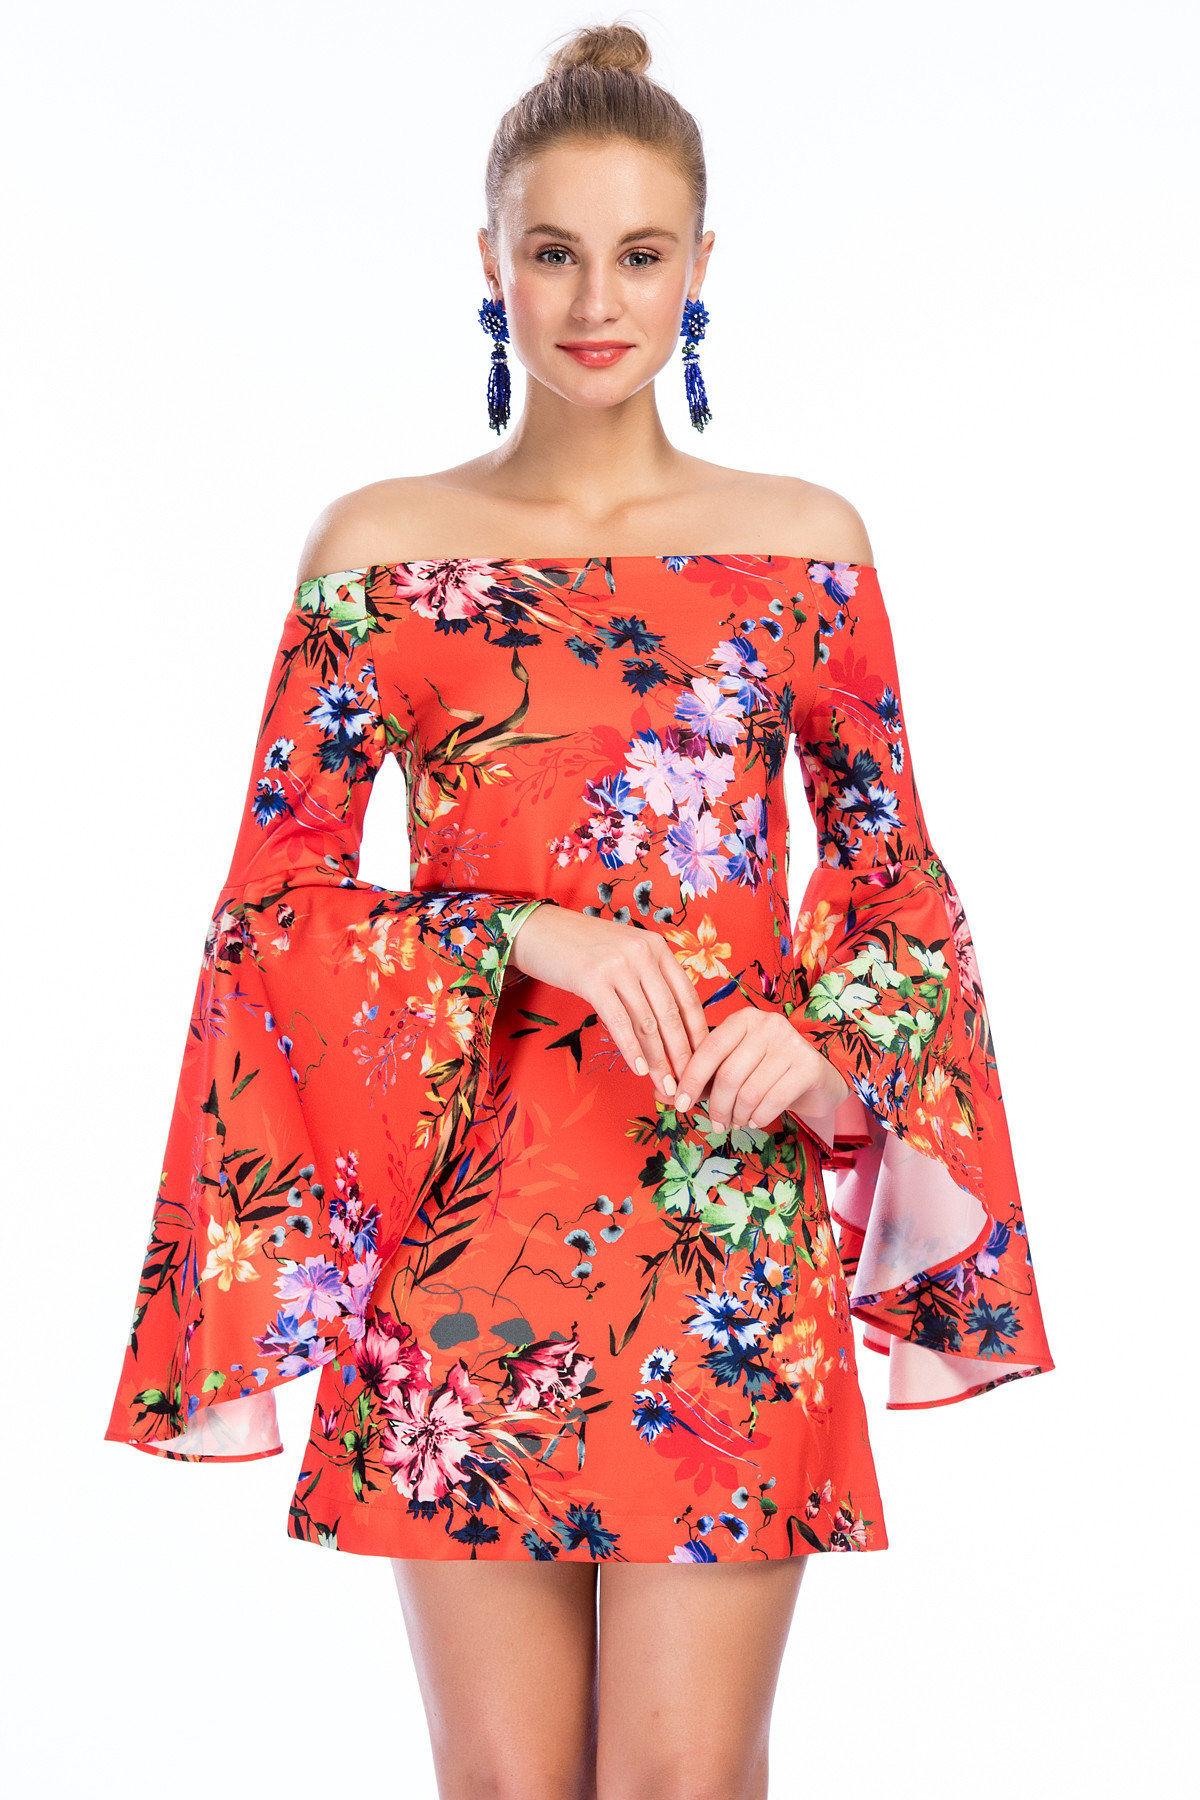 2019 Bahar-Yaz Modası : Çiçek Desenli Elbiseler